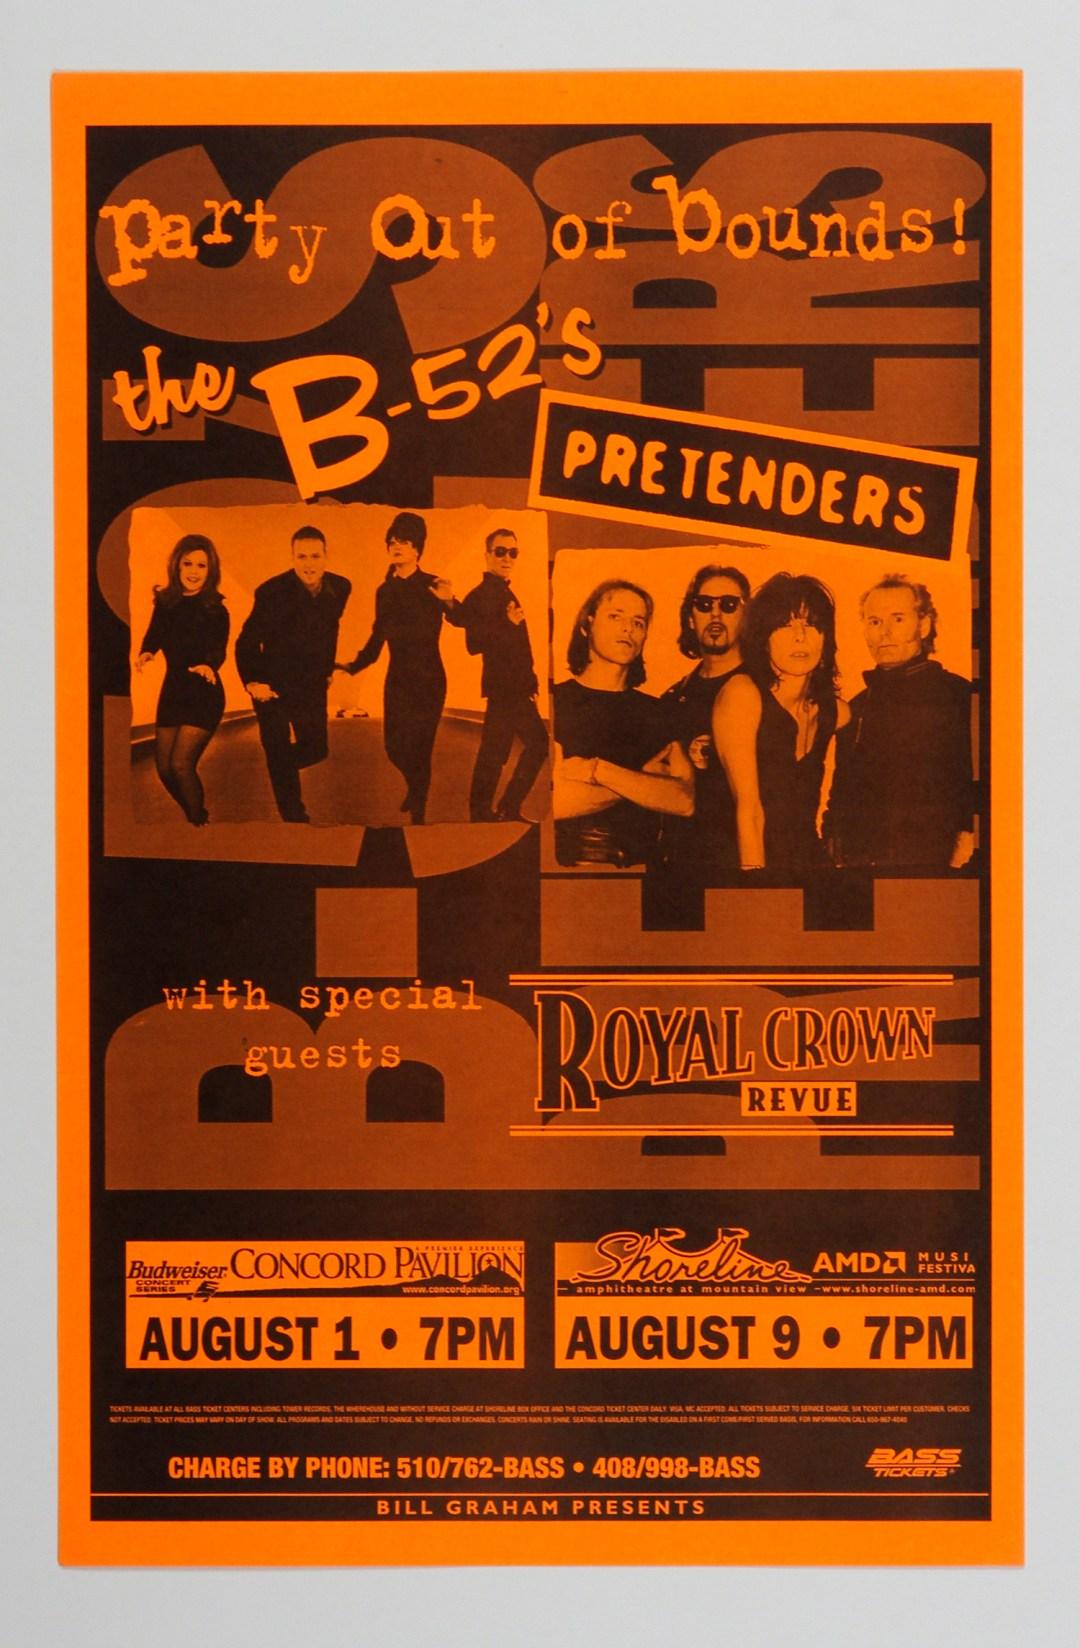 B-52's Pretenders Poster 1998 Aug 1 Concord Pavilion Shoreline Amphitheatre